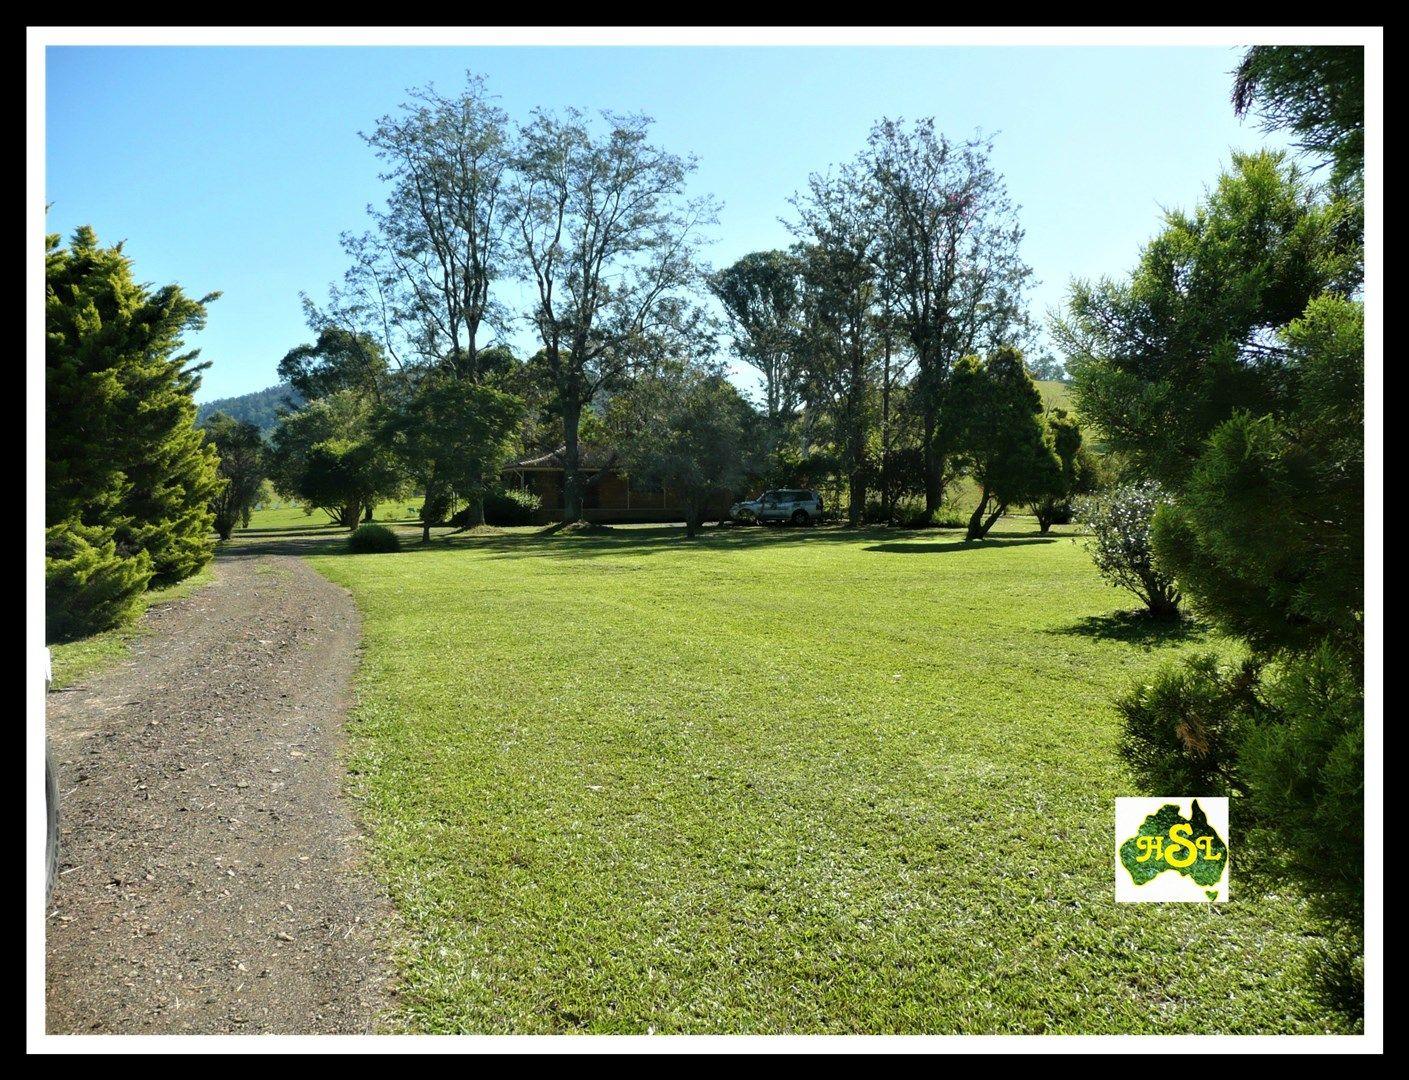 758 Barrington West Rd, Barrington NSW 2422, Image 0